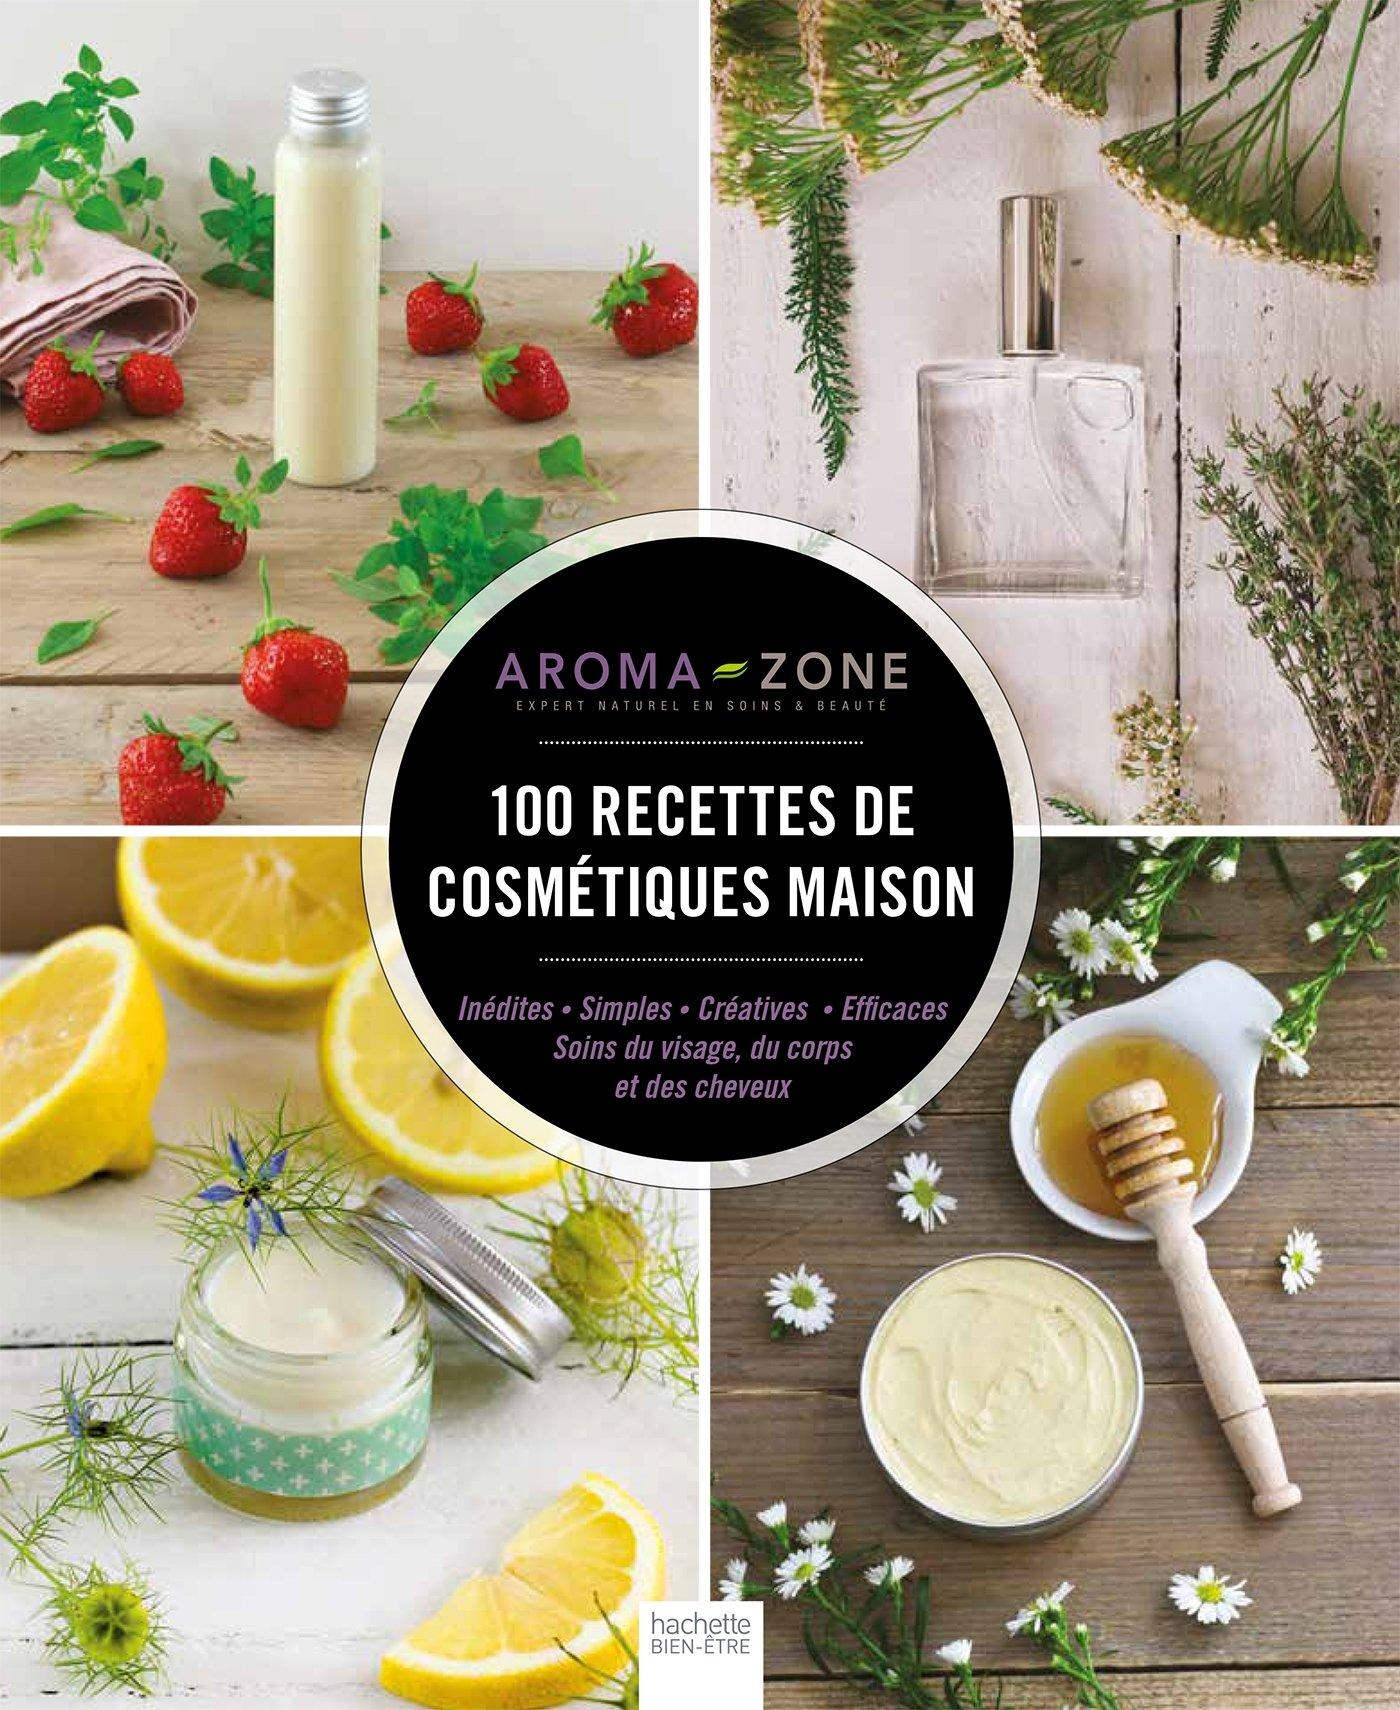 Amazon.fr - 100 recettes de cosmétiques maison - Aroma-Zone - Livres 74edcdfec691